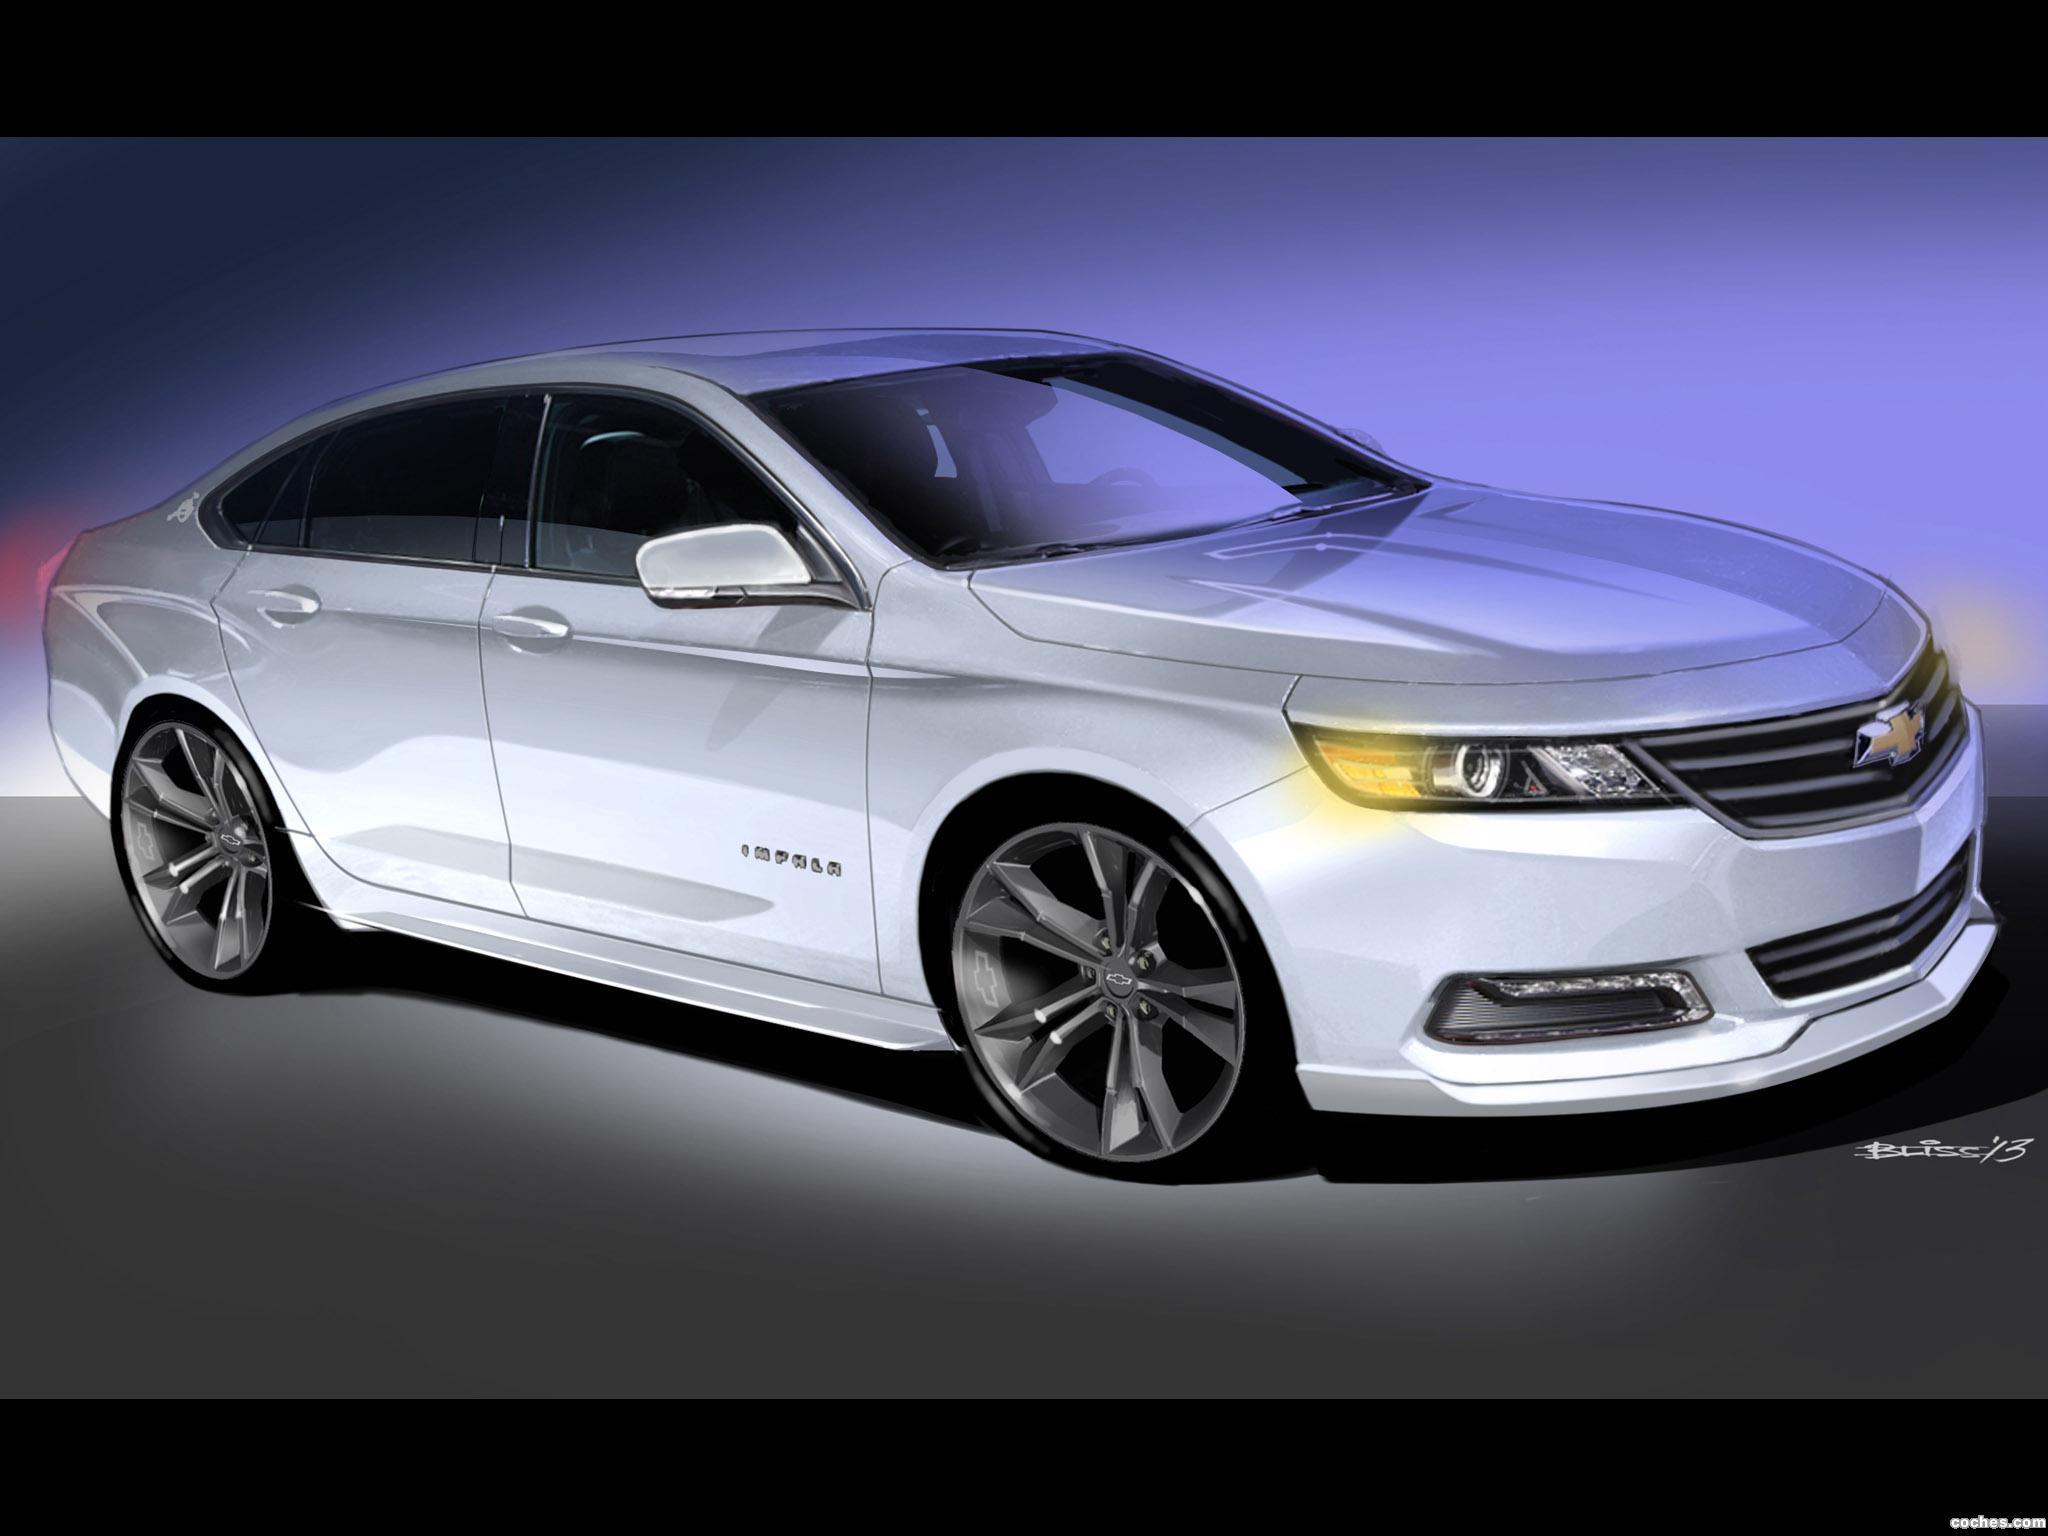 Foto 0 de Chevrolet Impala Urban Cool Concept 2013